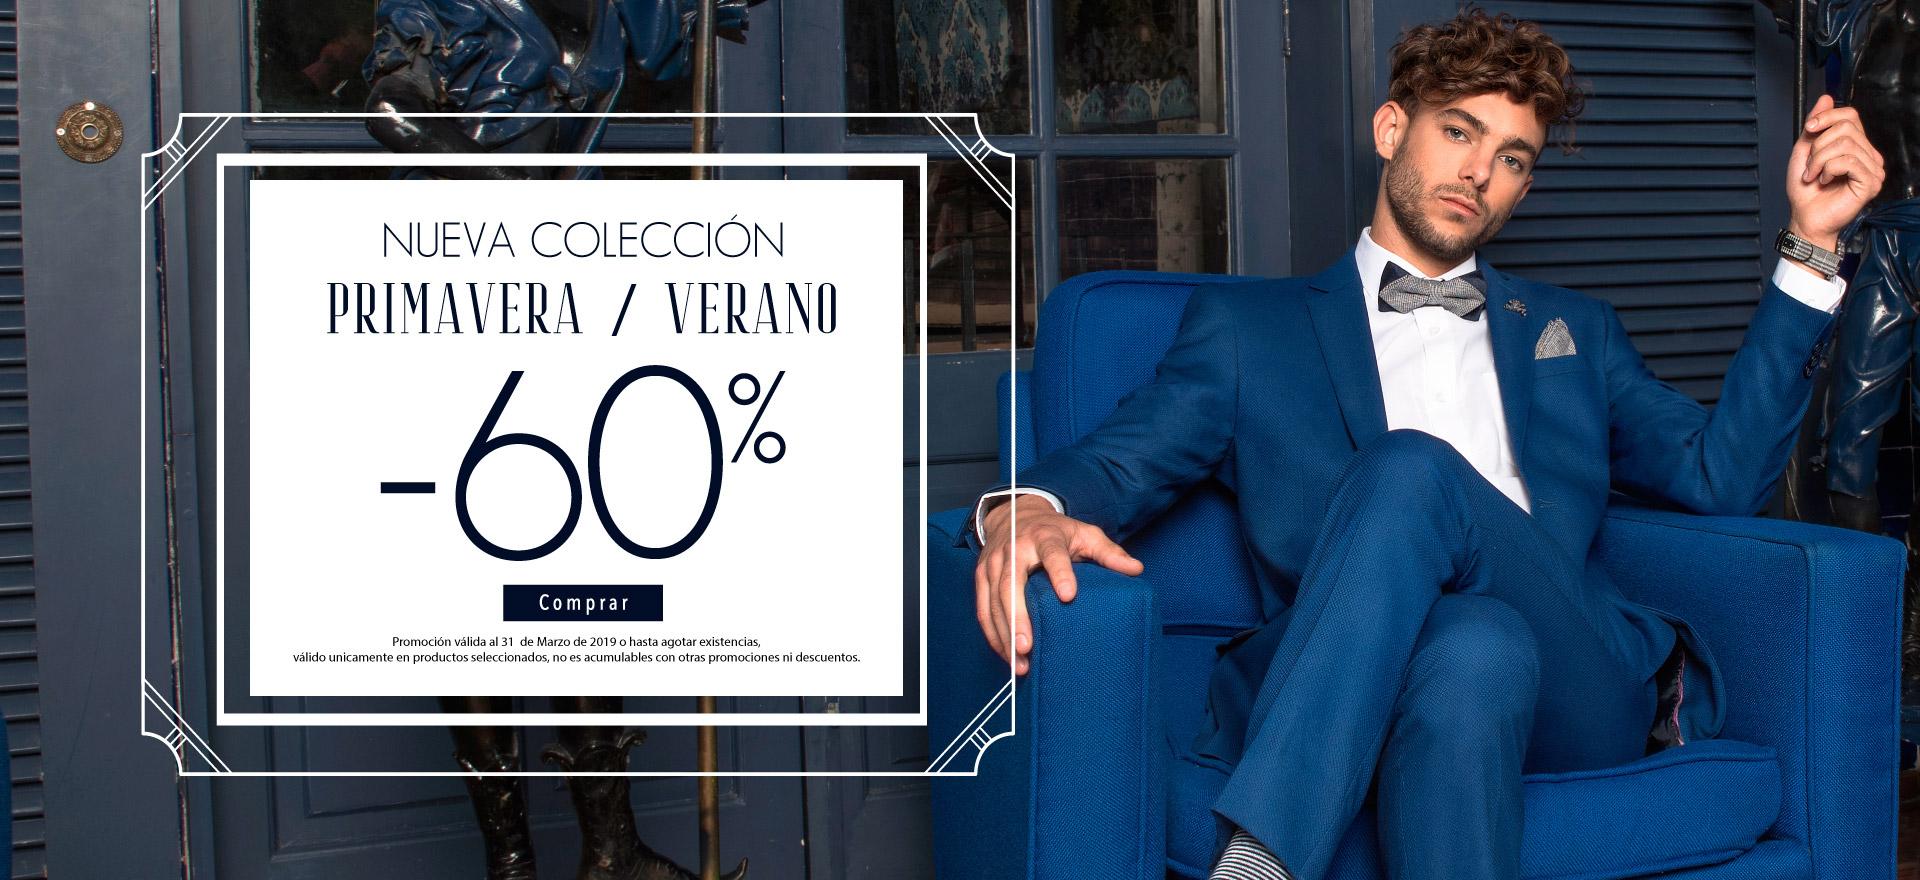 Bienvenidos a Aldo Conti Italia la marca de ropa para hombre con ... 275badab90c